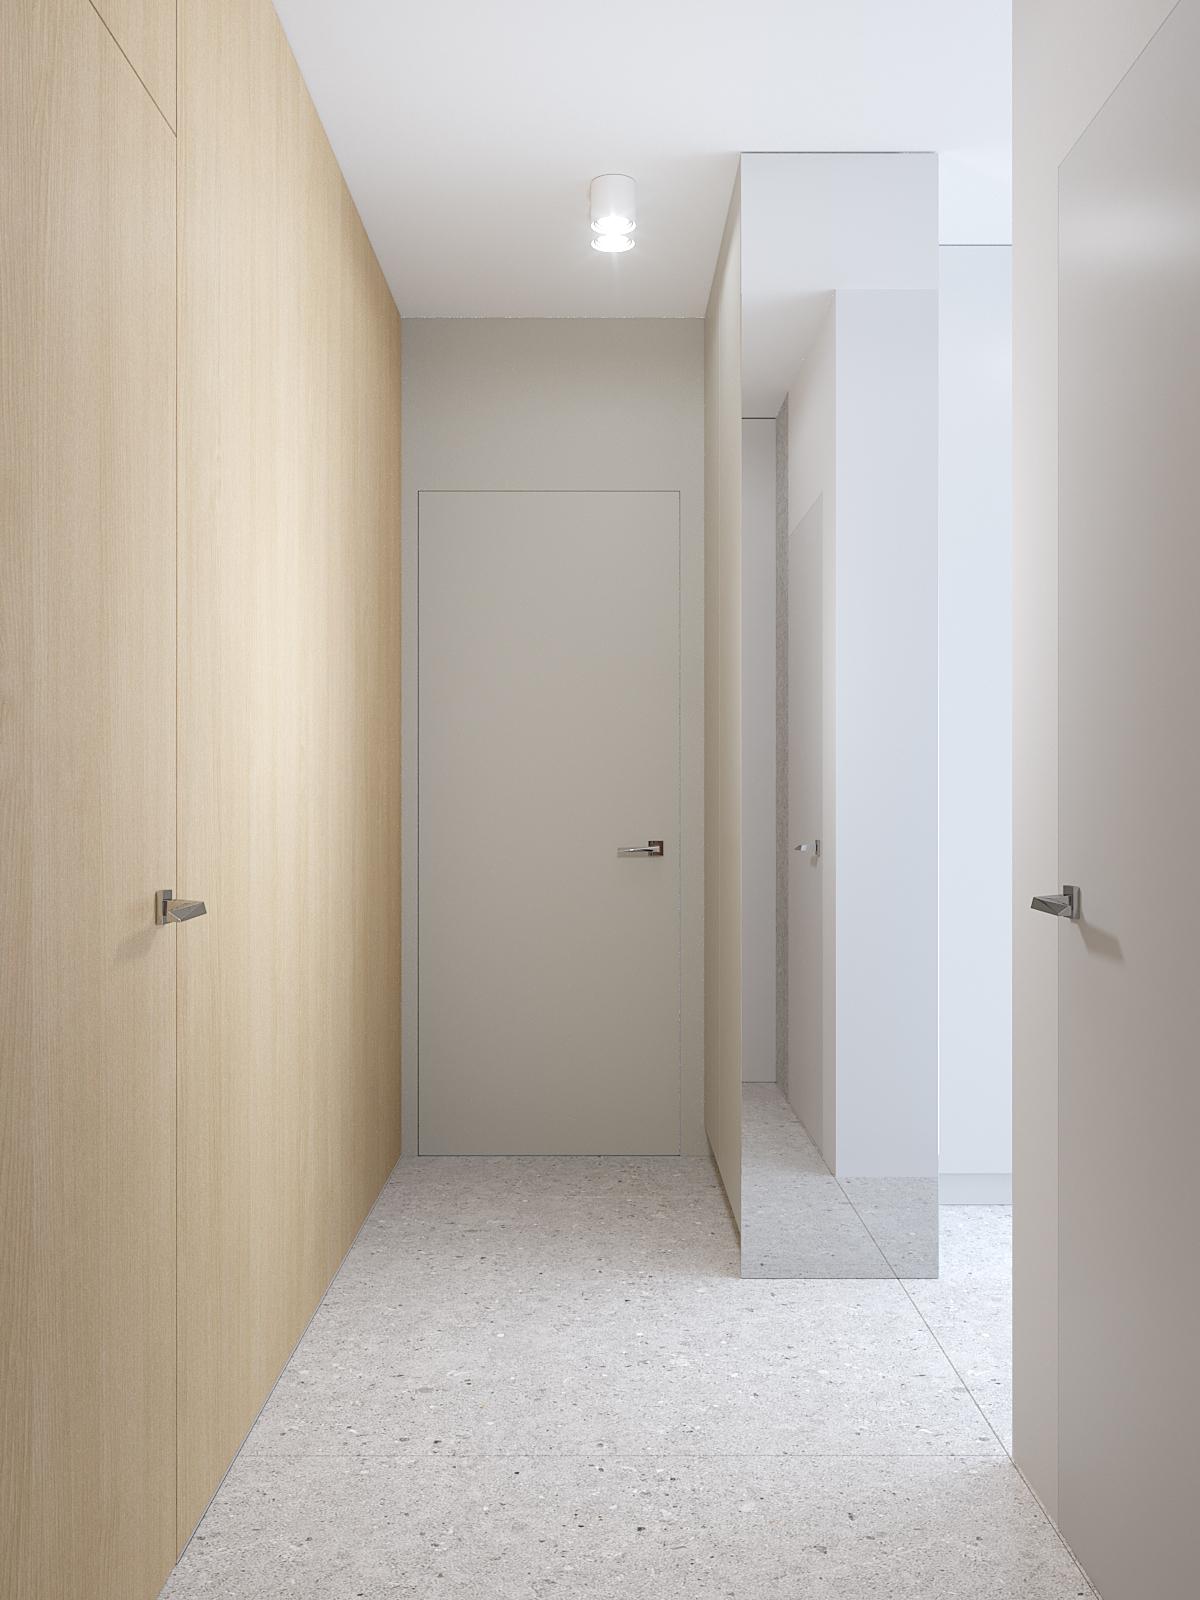 17 projektant wnetrz D423 poddasze hol zabudowa drewniana z drzwiami ukryte drzwi szare plytki